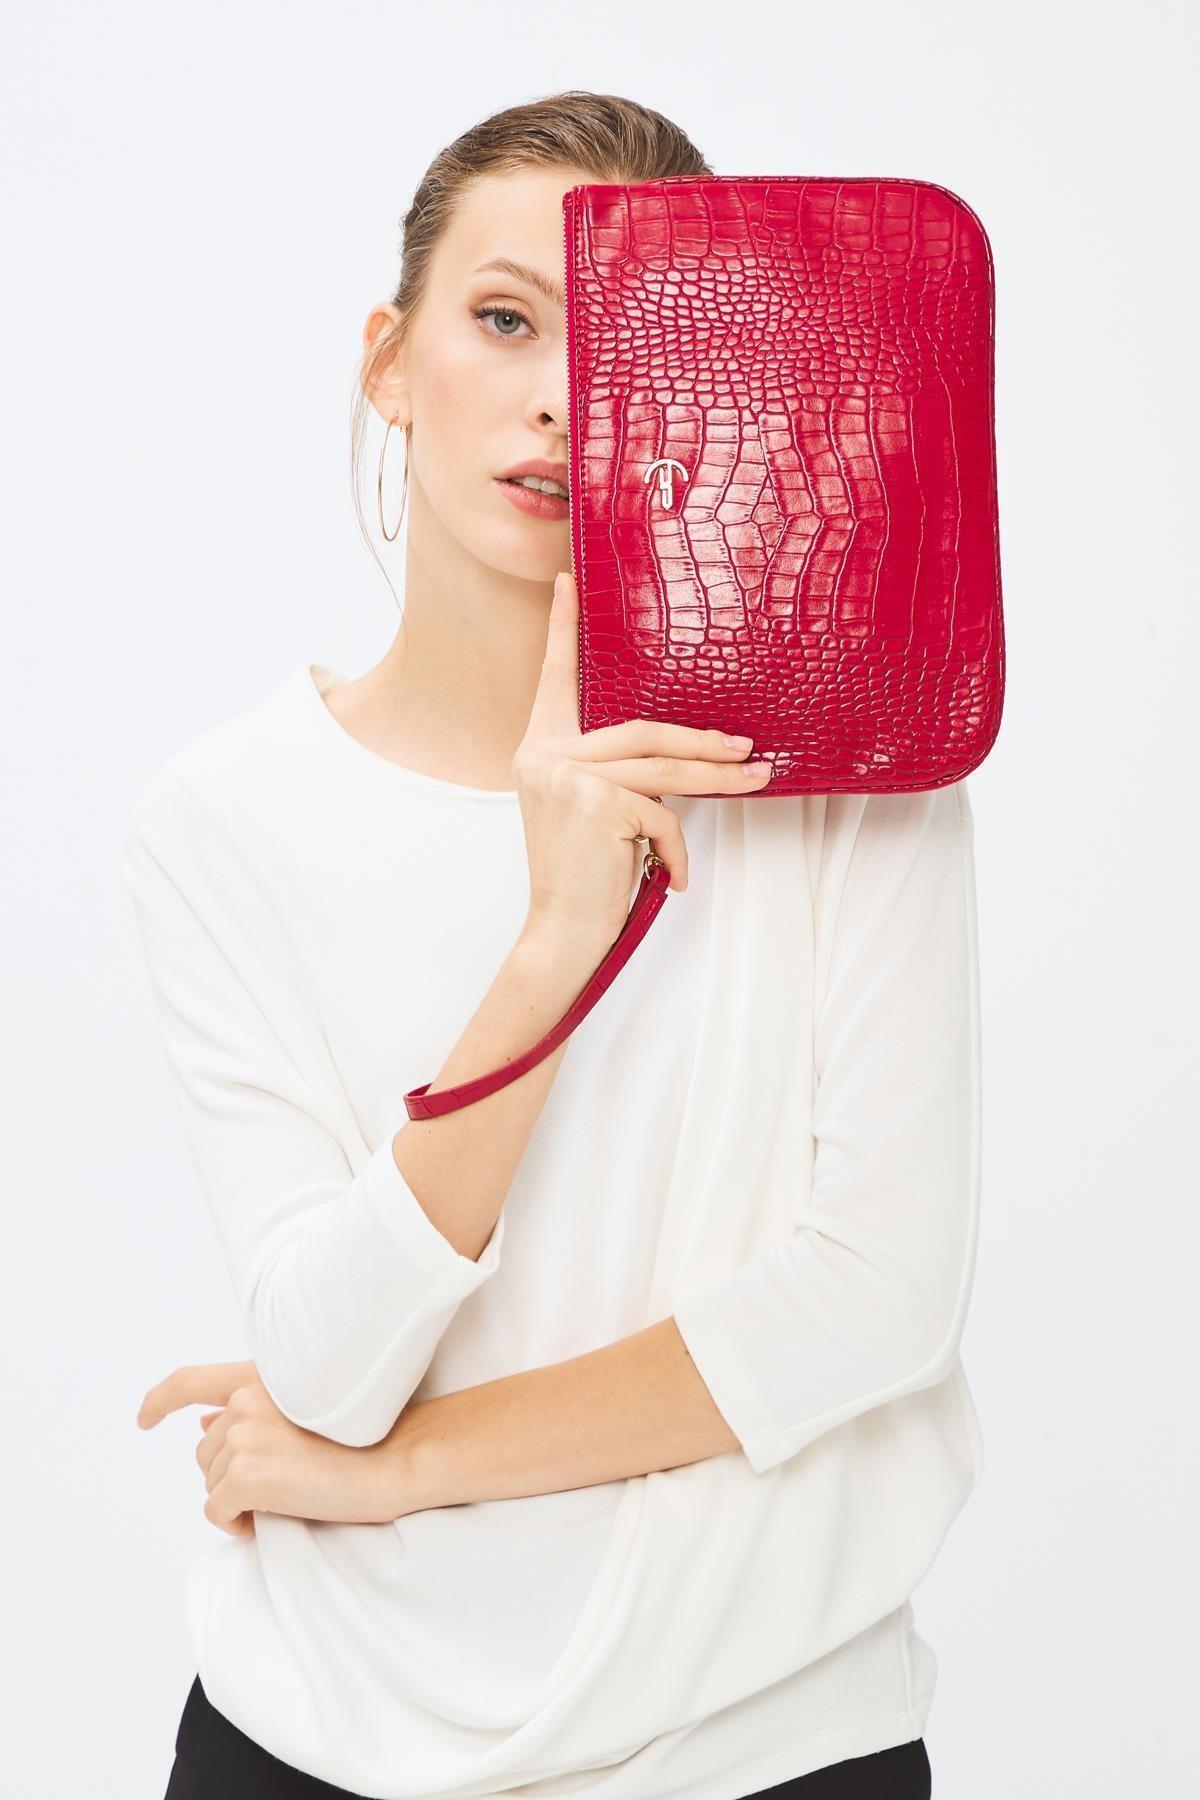 Deri Company Kadın Basic Clutch Çanta Kroko Timsah Desen Kırmızı 214002 1